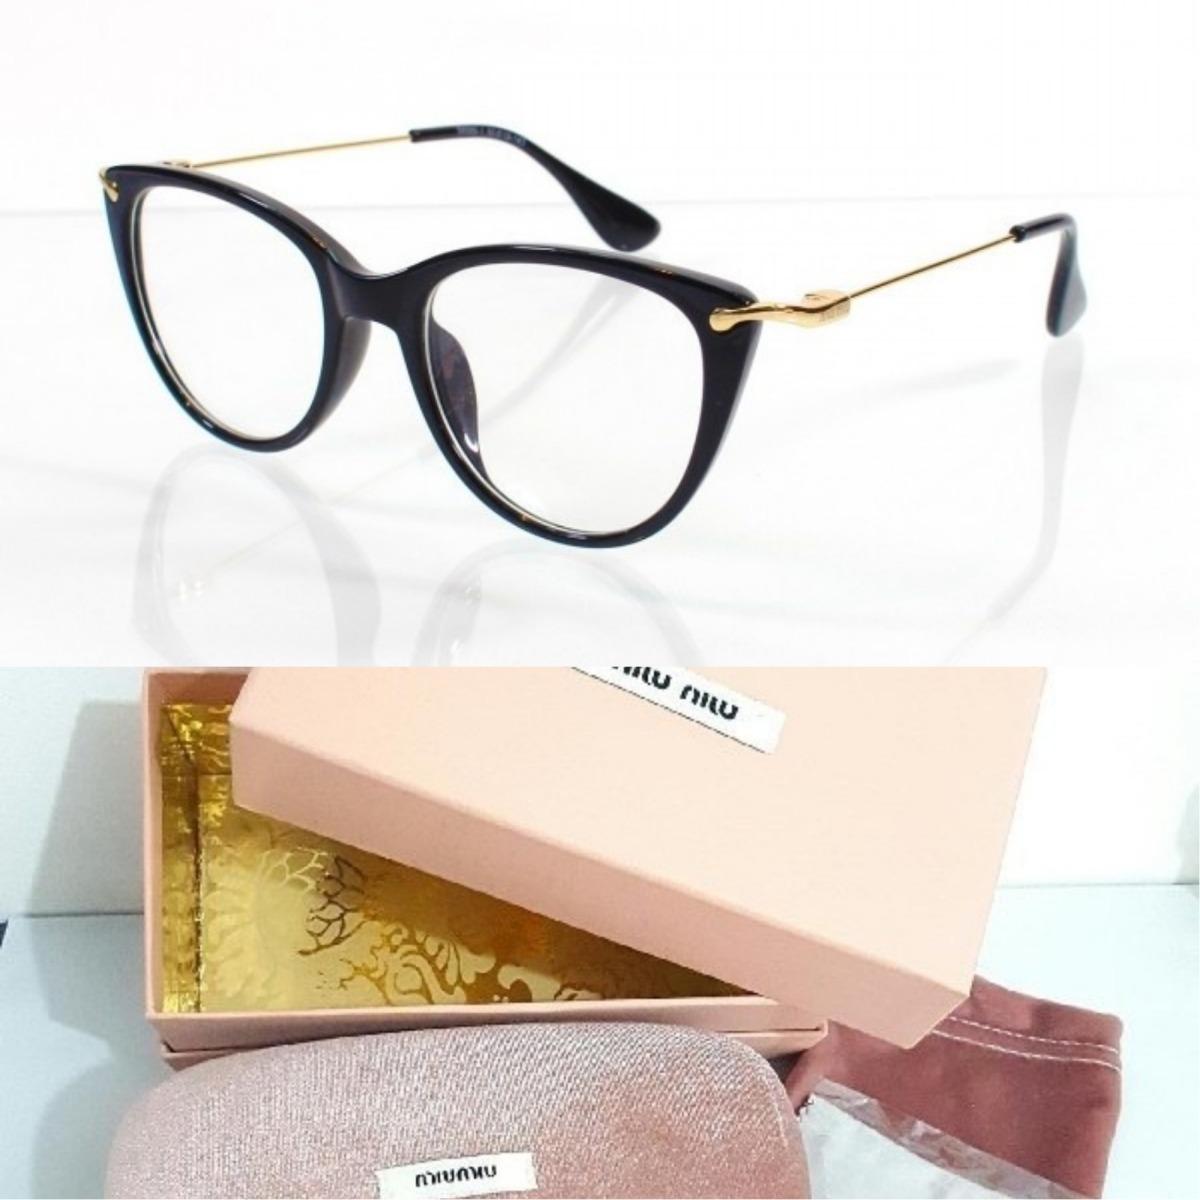 1d104c8fc8182 Oculos Armação Miu Miu Feminino + Kit - R  348,90 em Mercado Livre